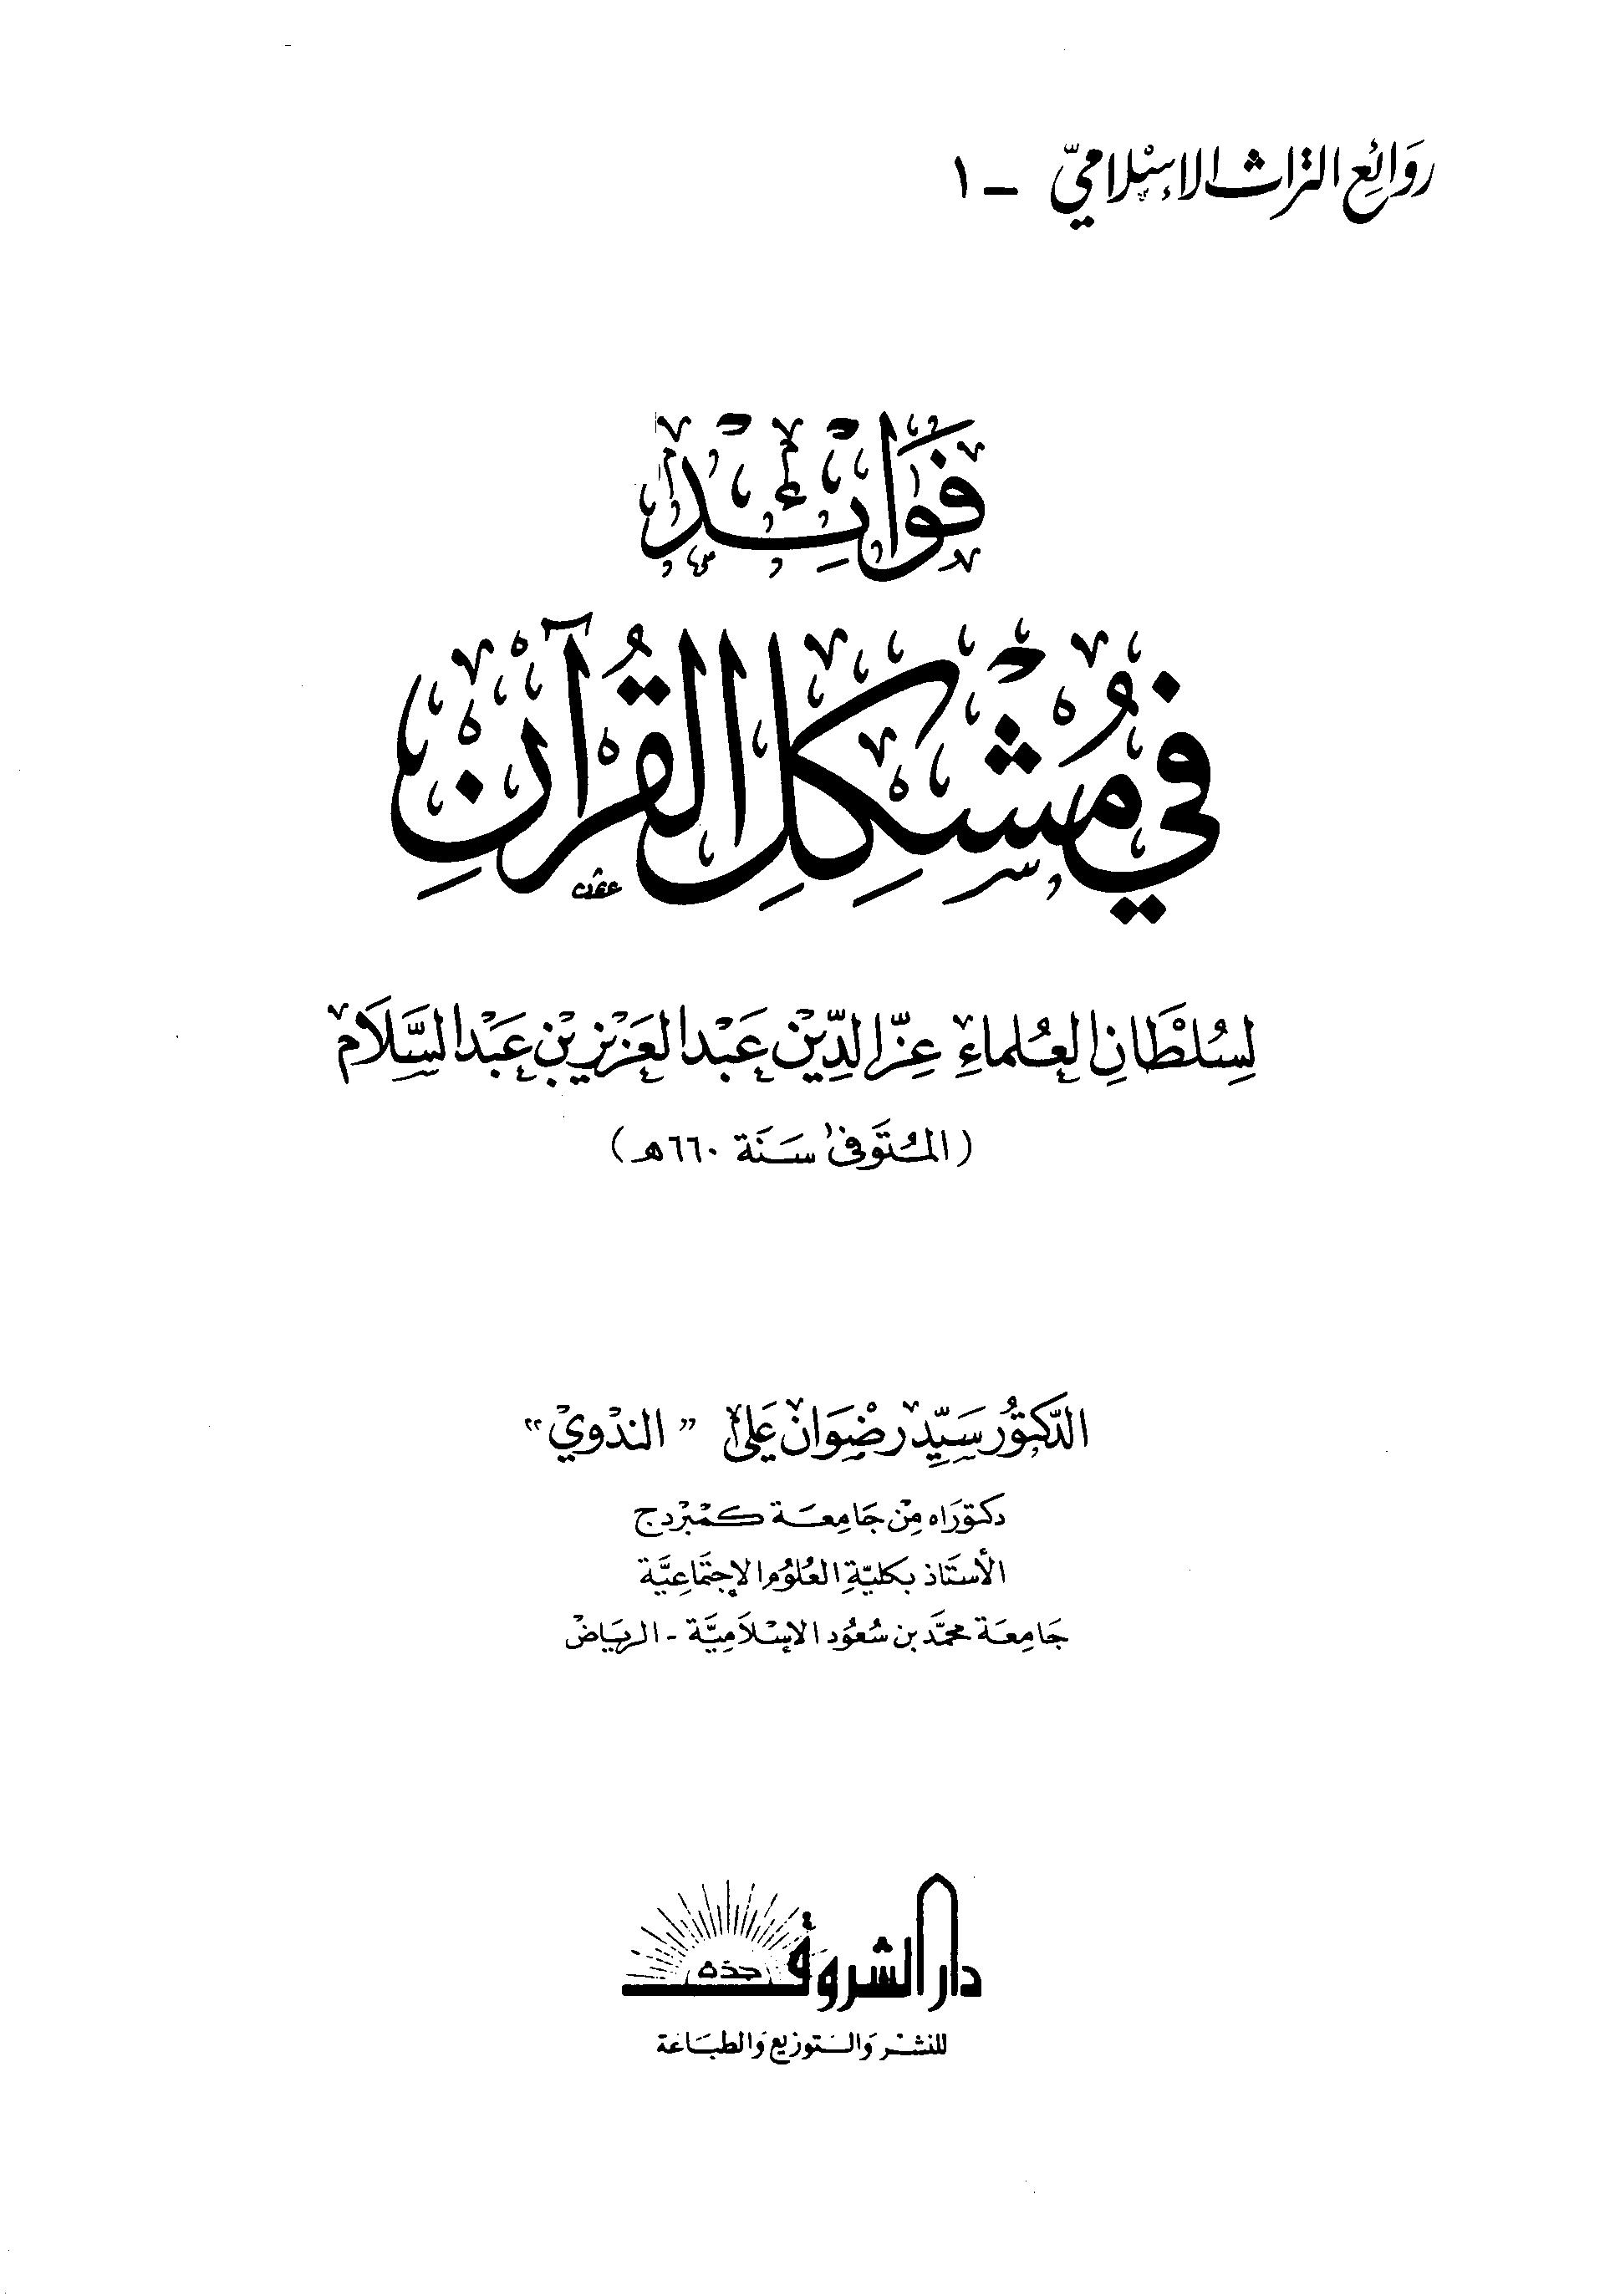 تحميل كتاب فوائد في مشكل القرآن لـِ: الإمام أبو محمد عز الدين عبد العزيز بن عبد السلام السلمي الدمشقي، سلطان العلماء (ت 660)